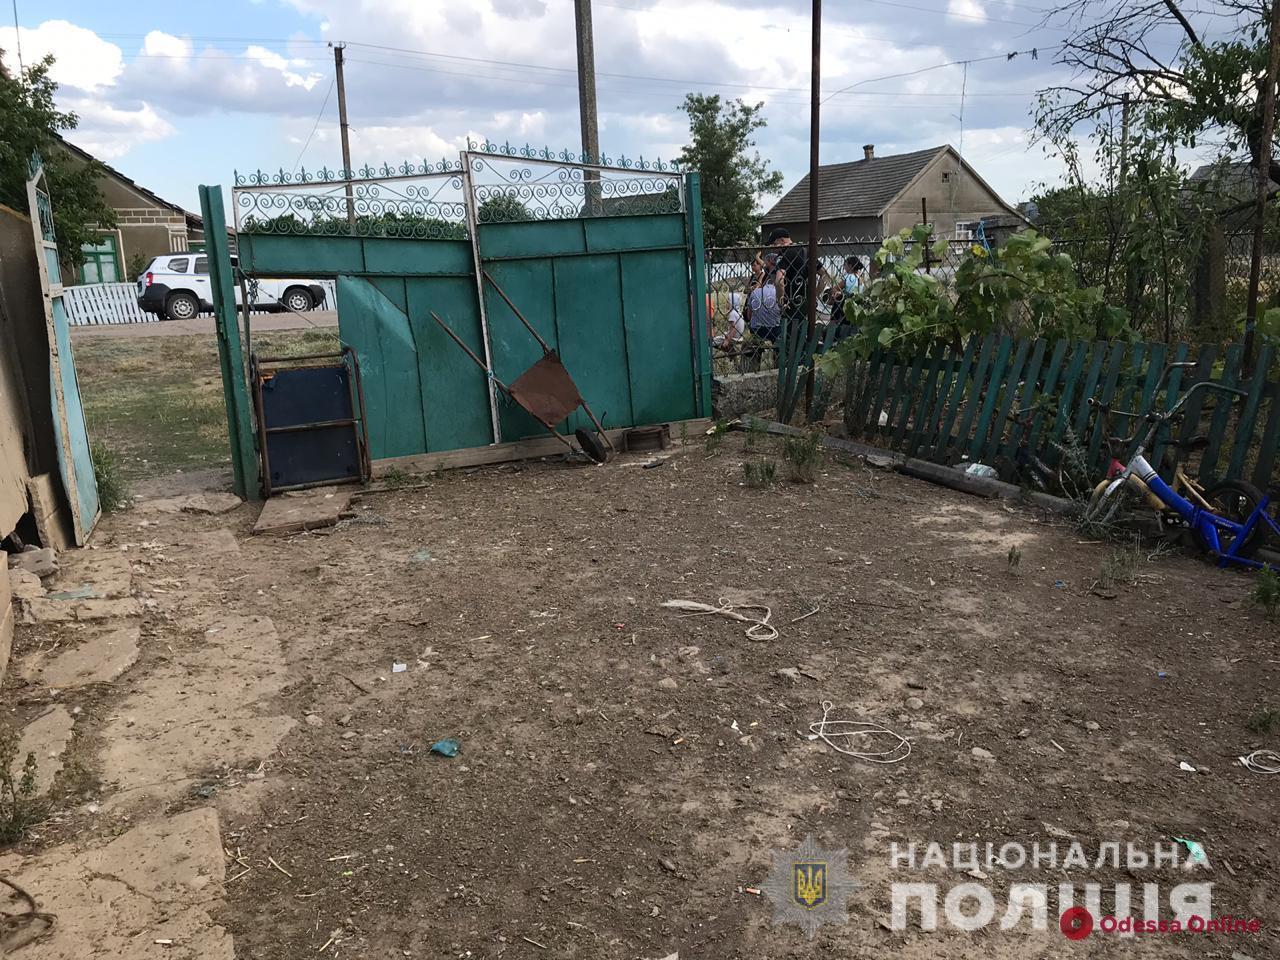 Пьяный житель Одесской области поссорился со знакомой и попытался ее ограбить